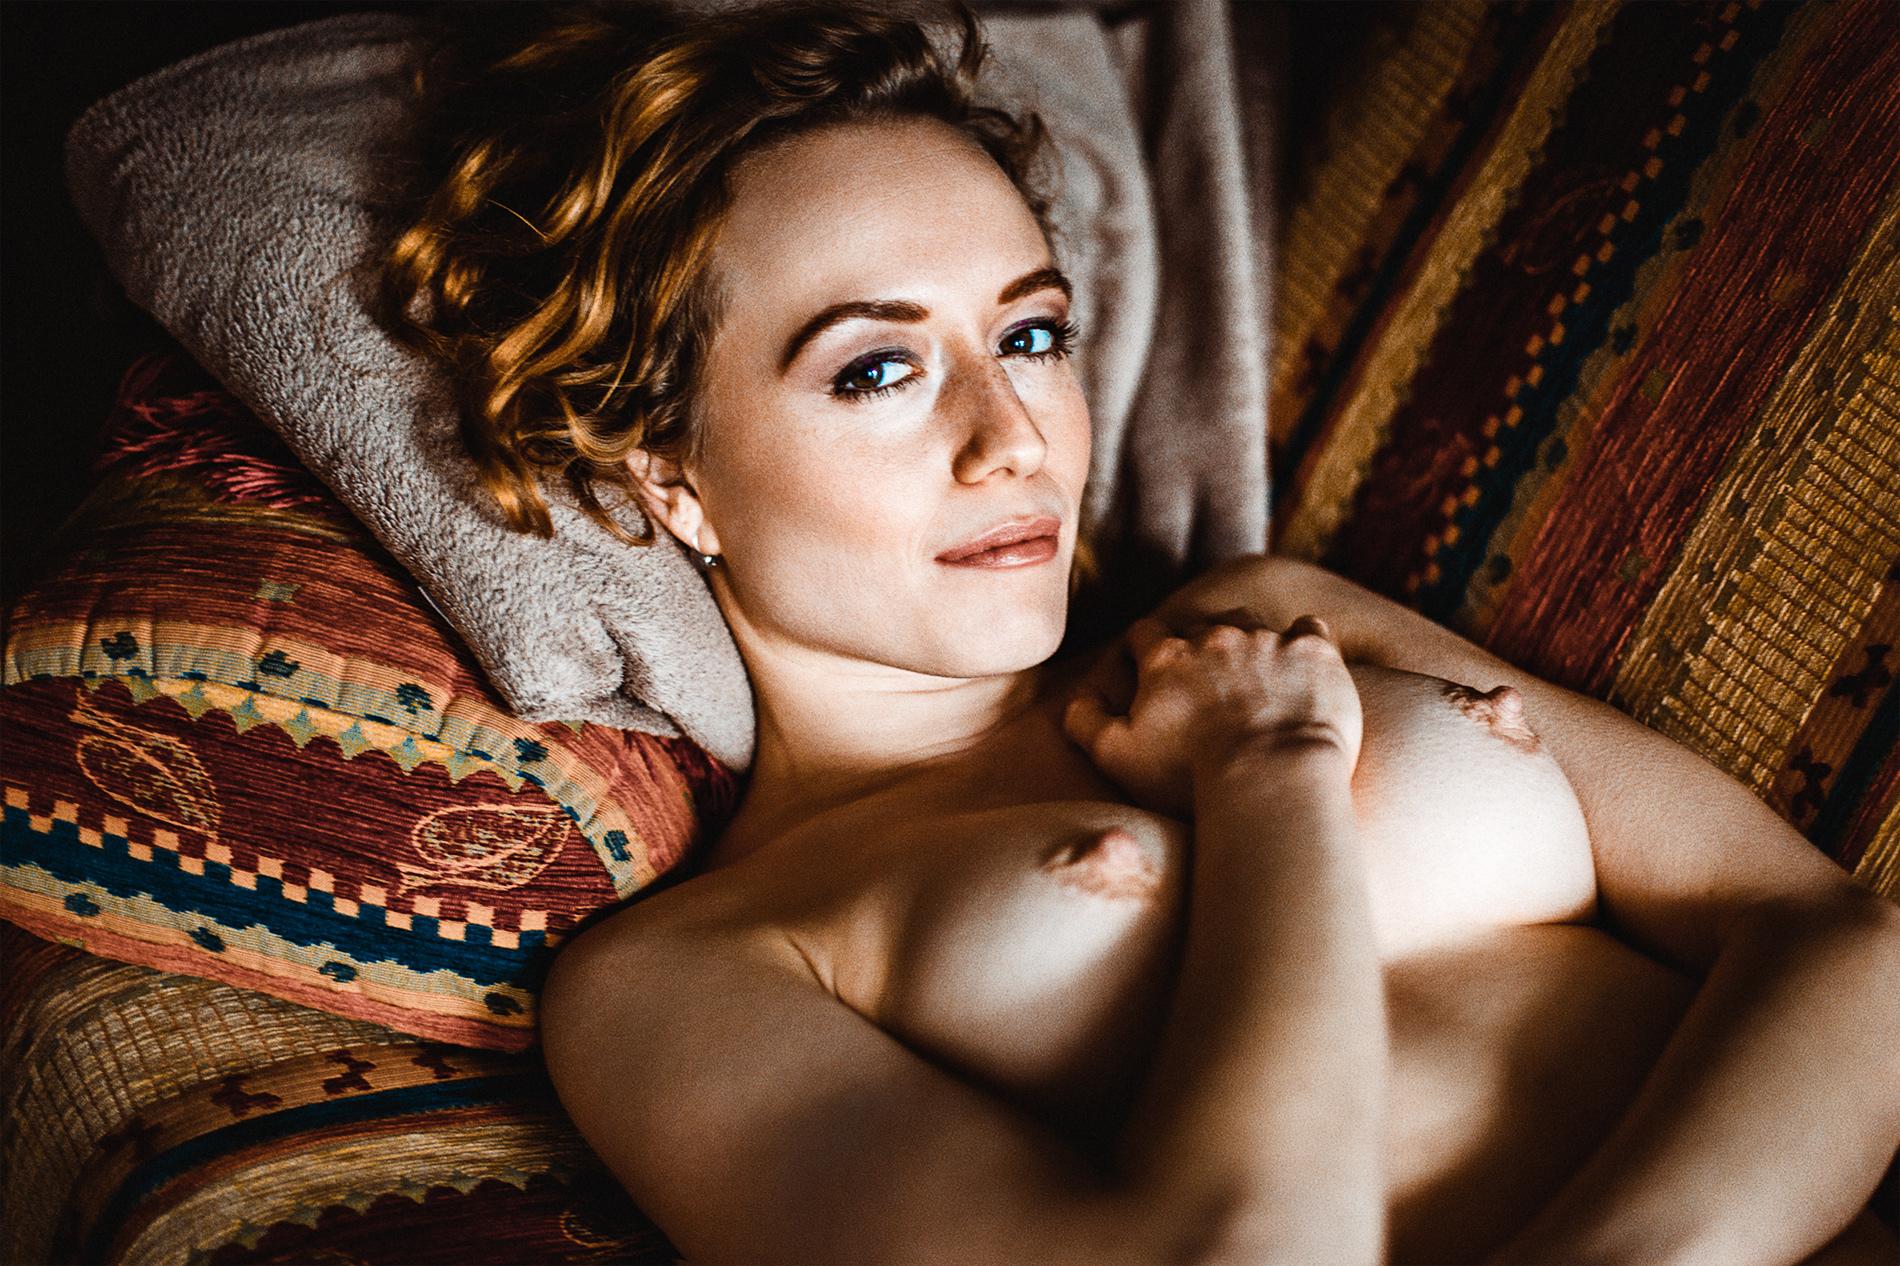 erotische geschichten literotica sextreffen mainz